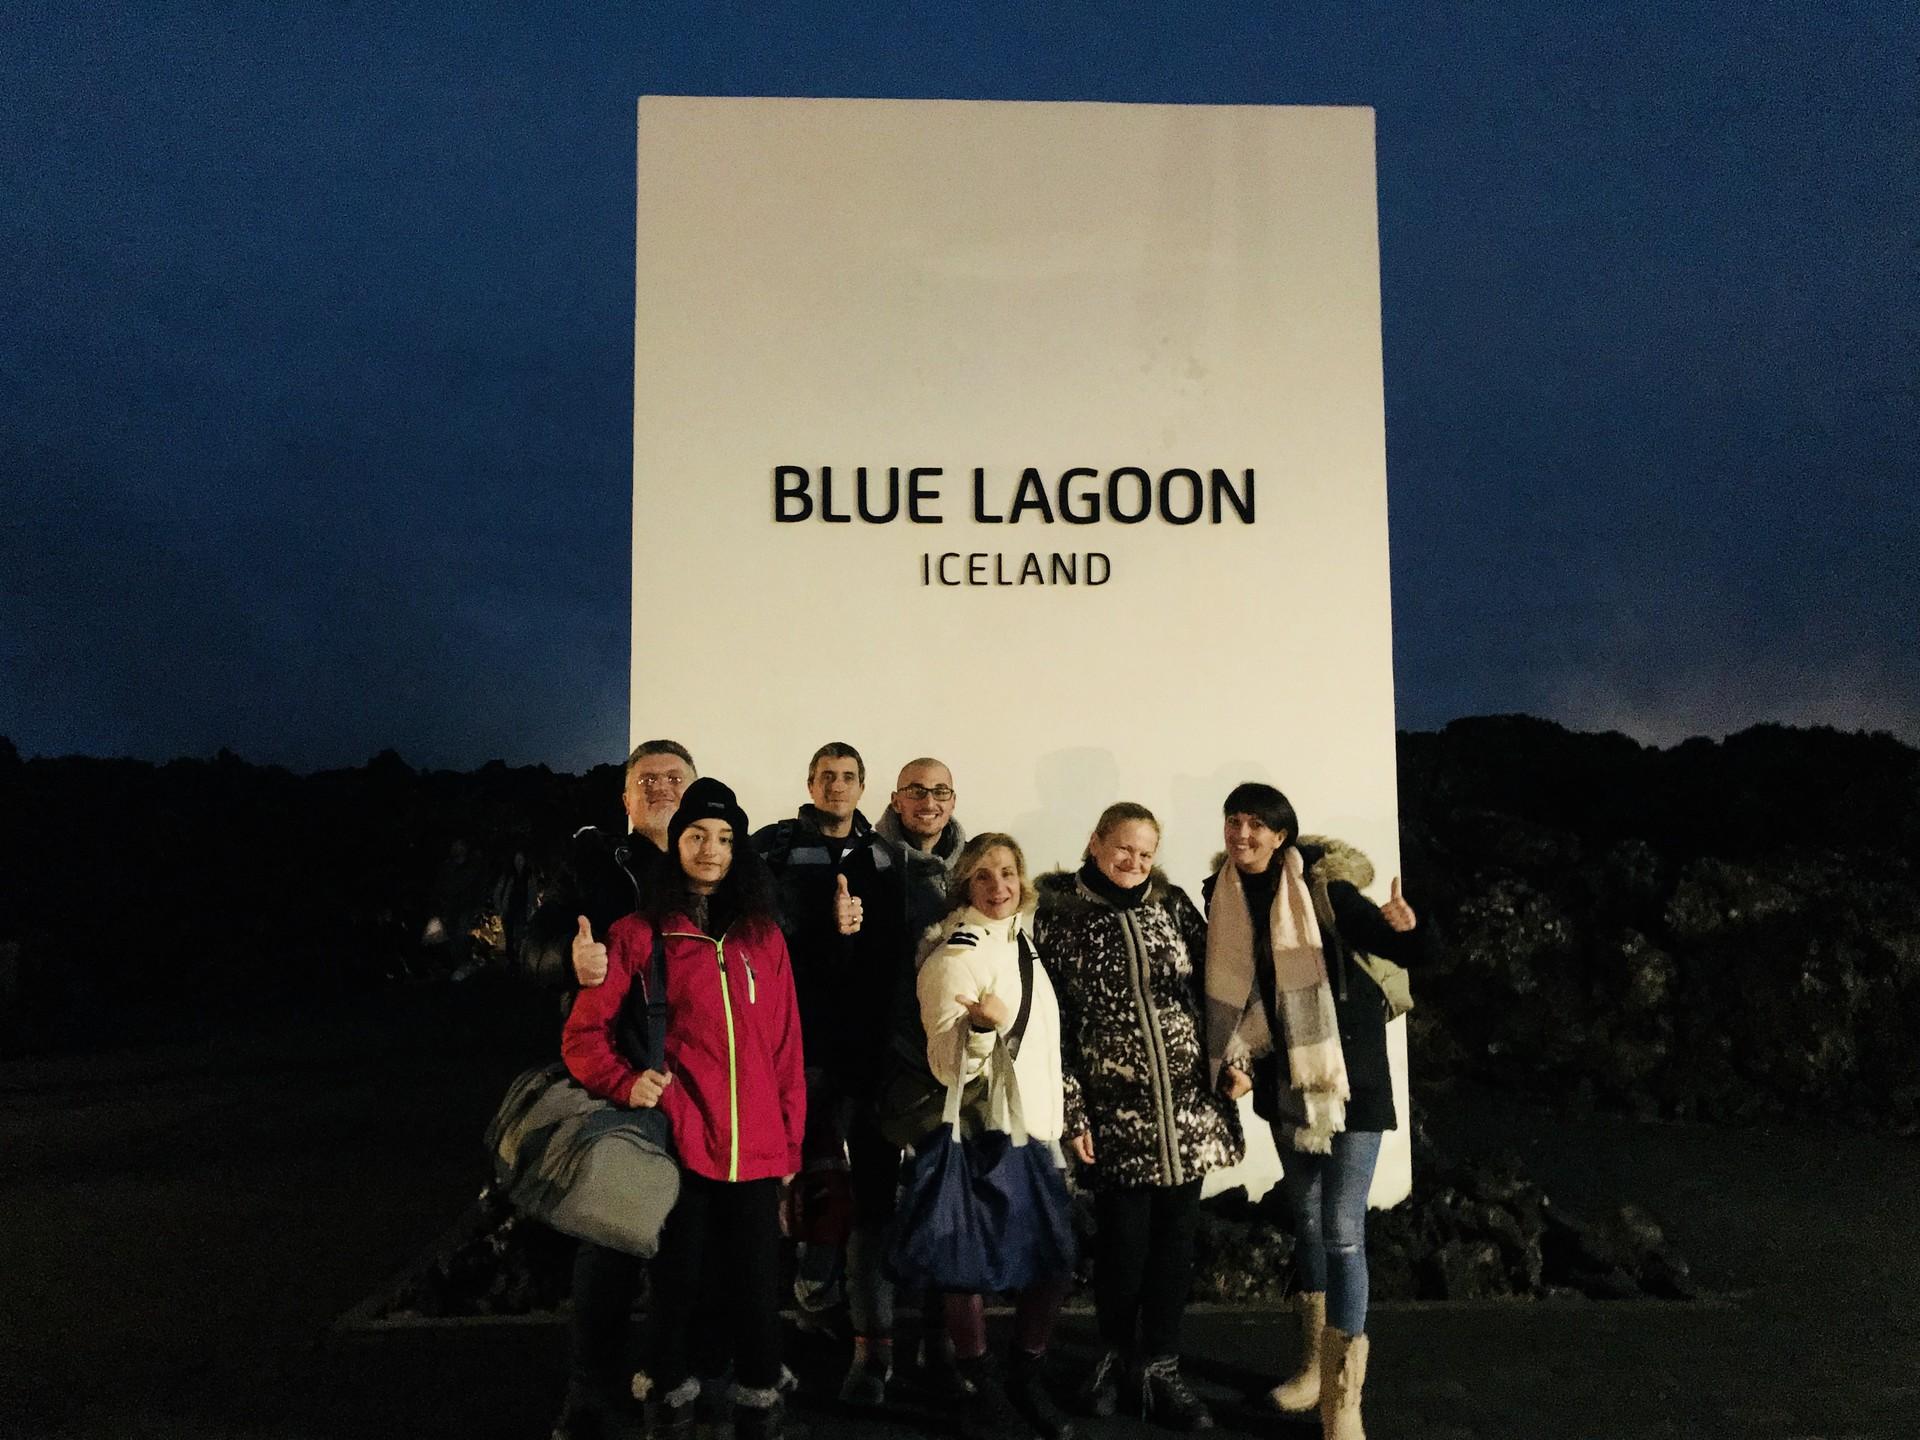 blue-lagoon-0611f77537b1e8bbe6db0587e96f